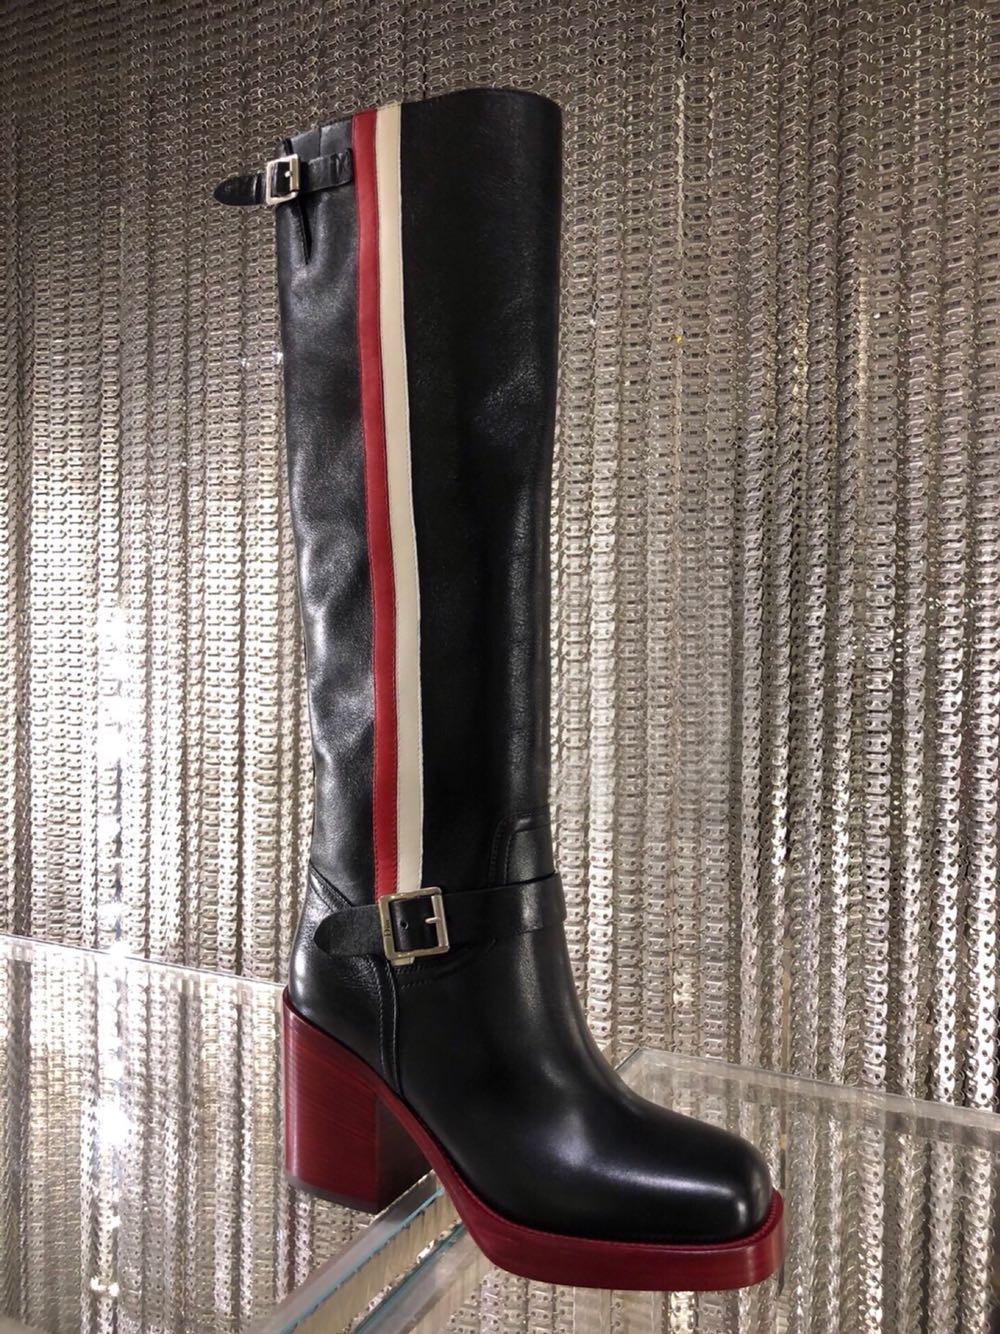 Cuir Slip Hiver Équitation Themost Haute Chaussures Punk Britannique Véritable Equestr Bottes Boucle Femme Automne on Genou Femmes f4qnw4xAzP